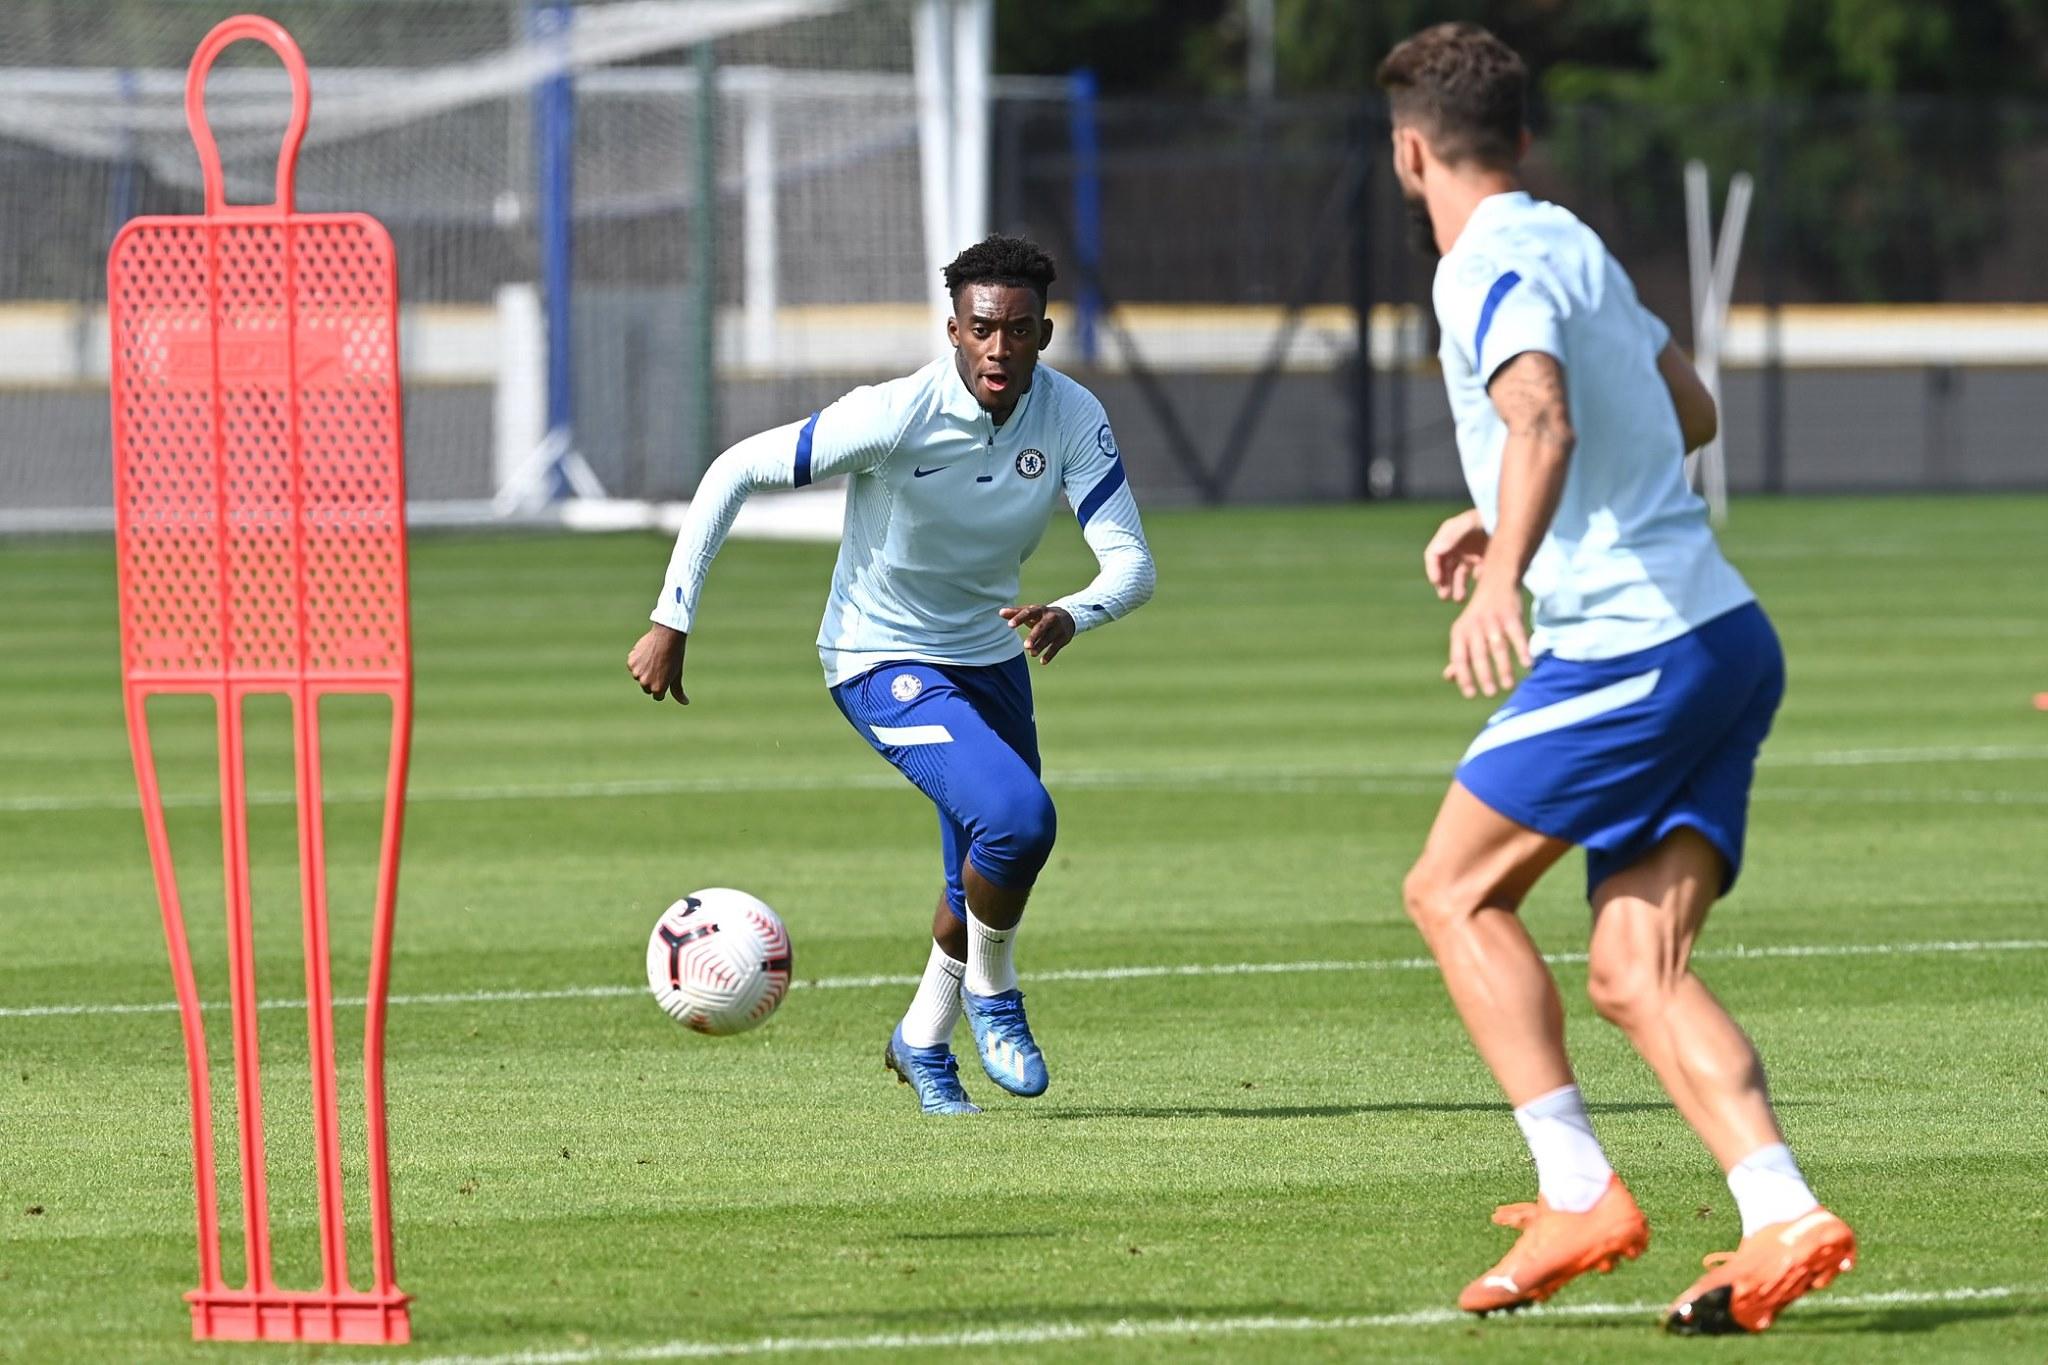 Tân binh dứt điểm sắc bén, Chelsea sẵn sàng gieo rắc sợ hãi lên Premier League